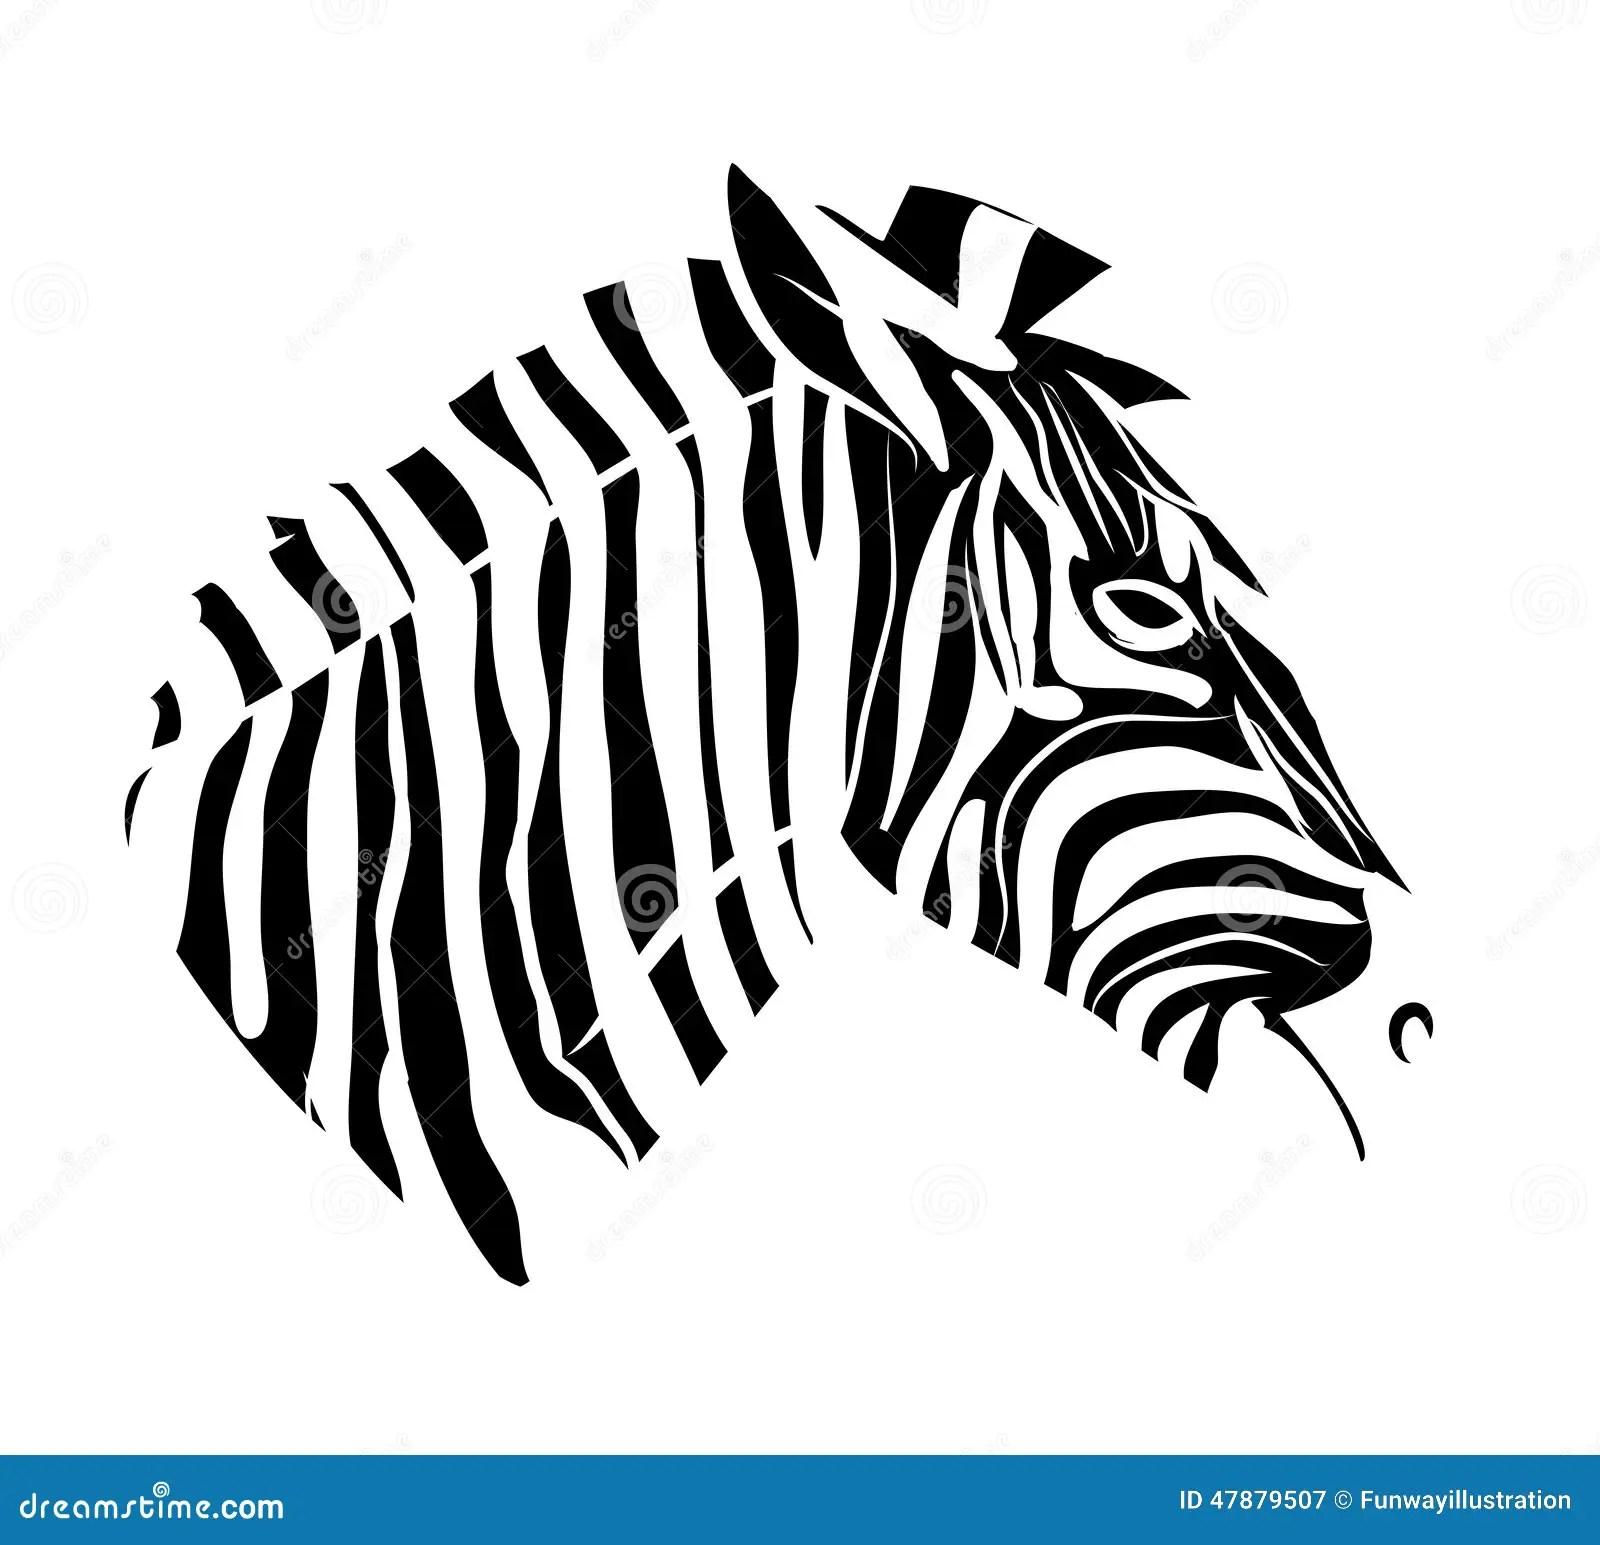 Zebra Head Tattoo Stock Illustration